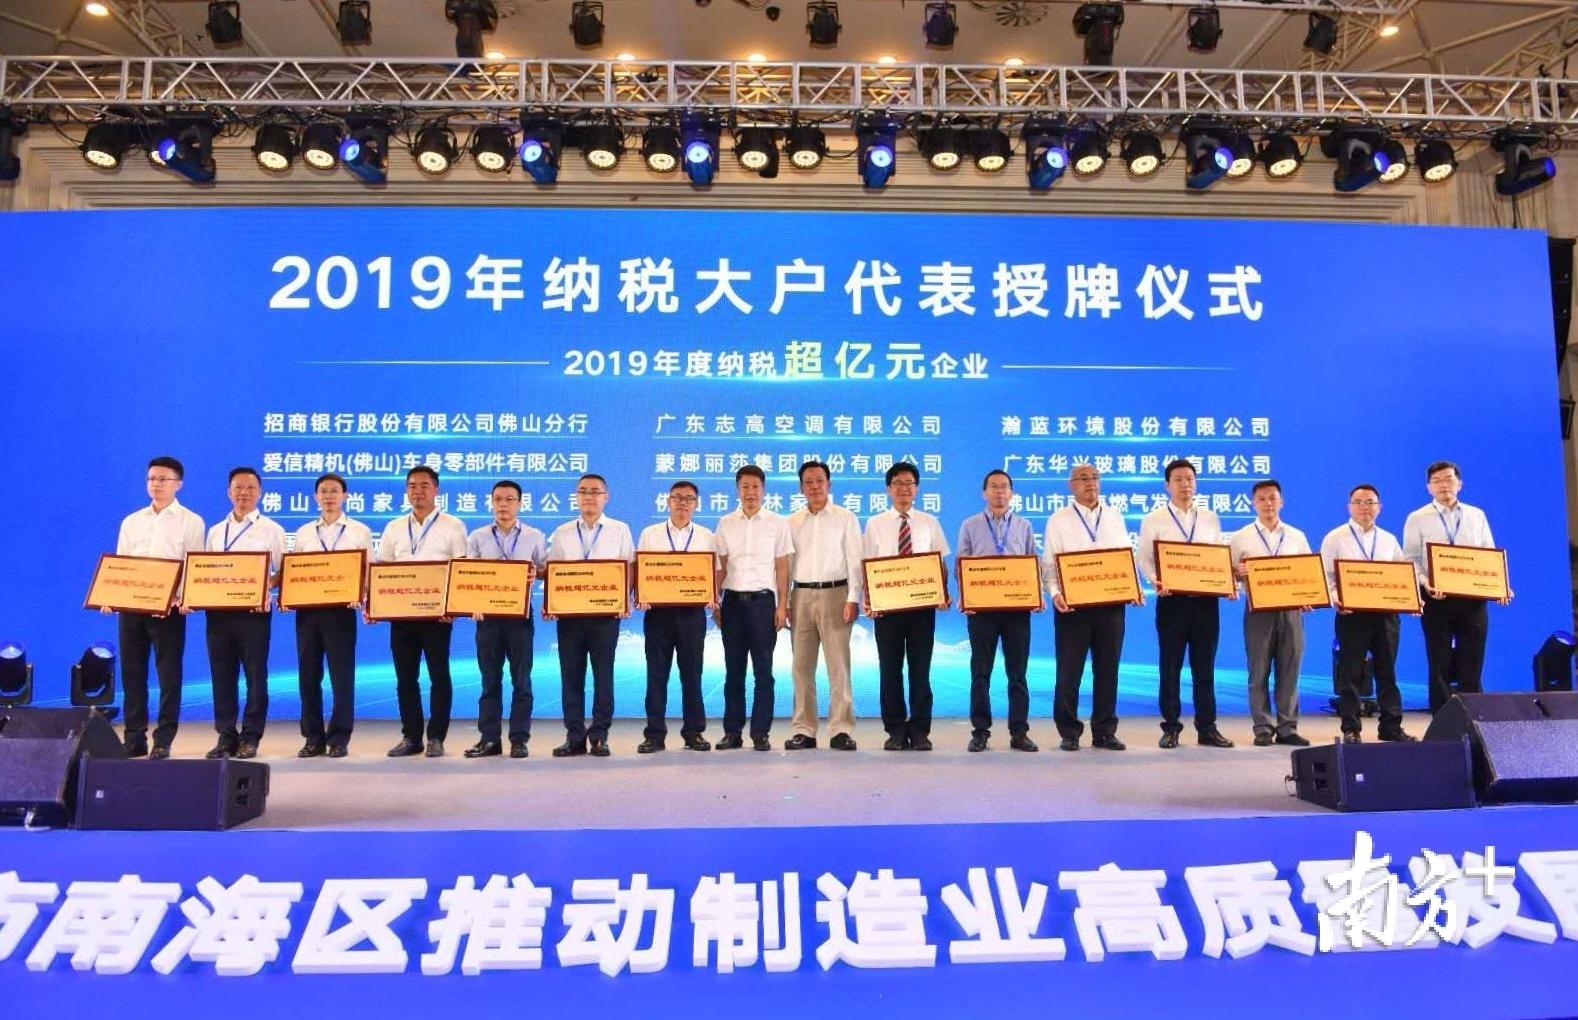 大会对2019年18家纳税大户代表授牌。南方日报记者 戴嘉信 摄